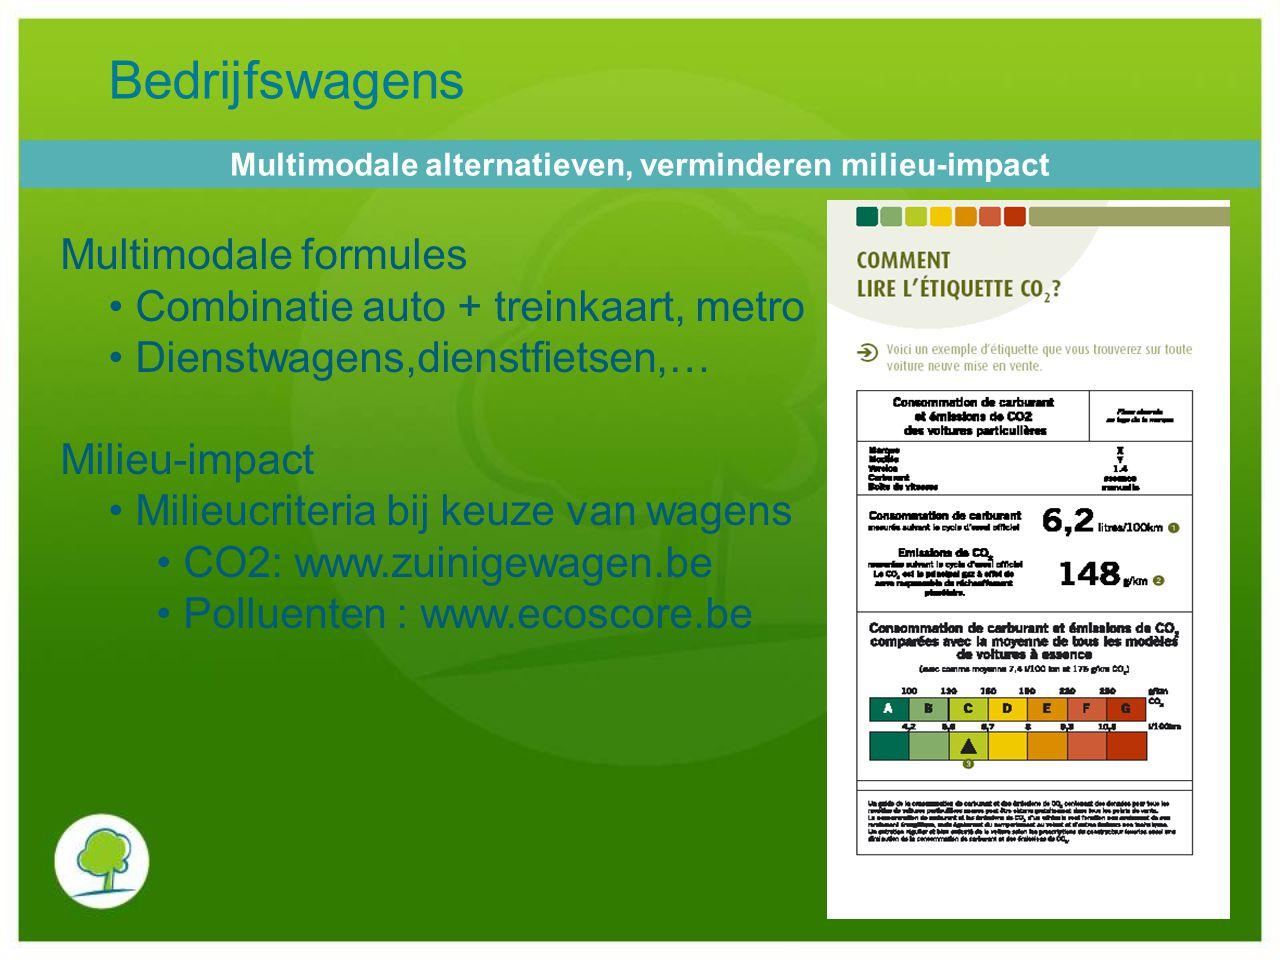 Bedrijfswagens Multimodale formules Combinatie auto + treinkaart, metro Dienstwagens,dienstfietsen,… Milieu-impact Milieucriteria bij keuze van wagens